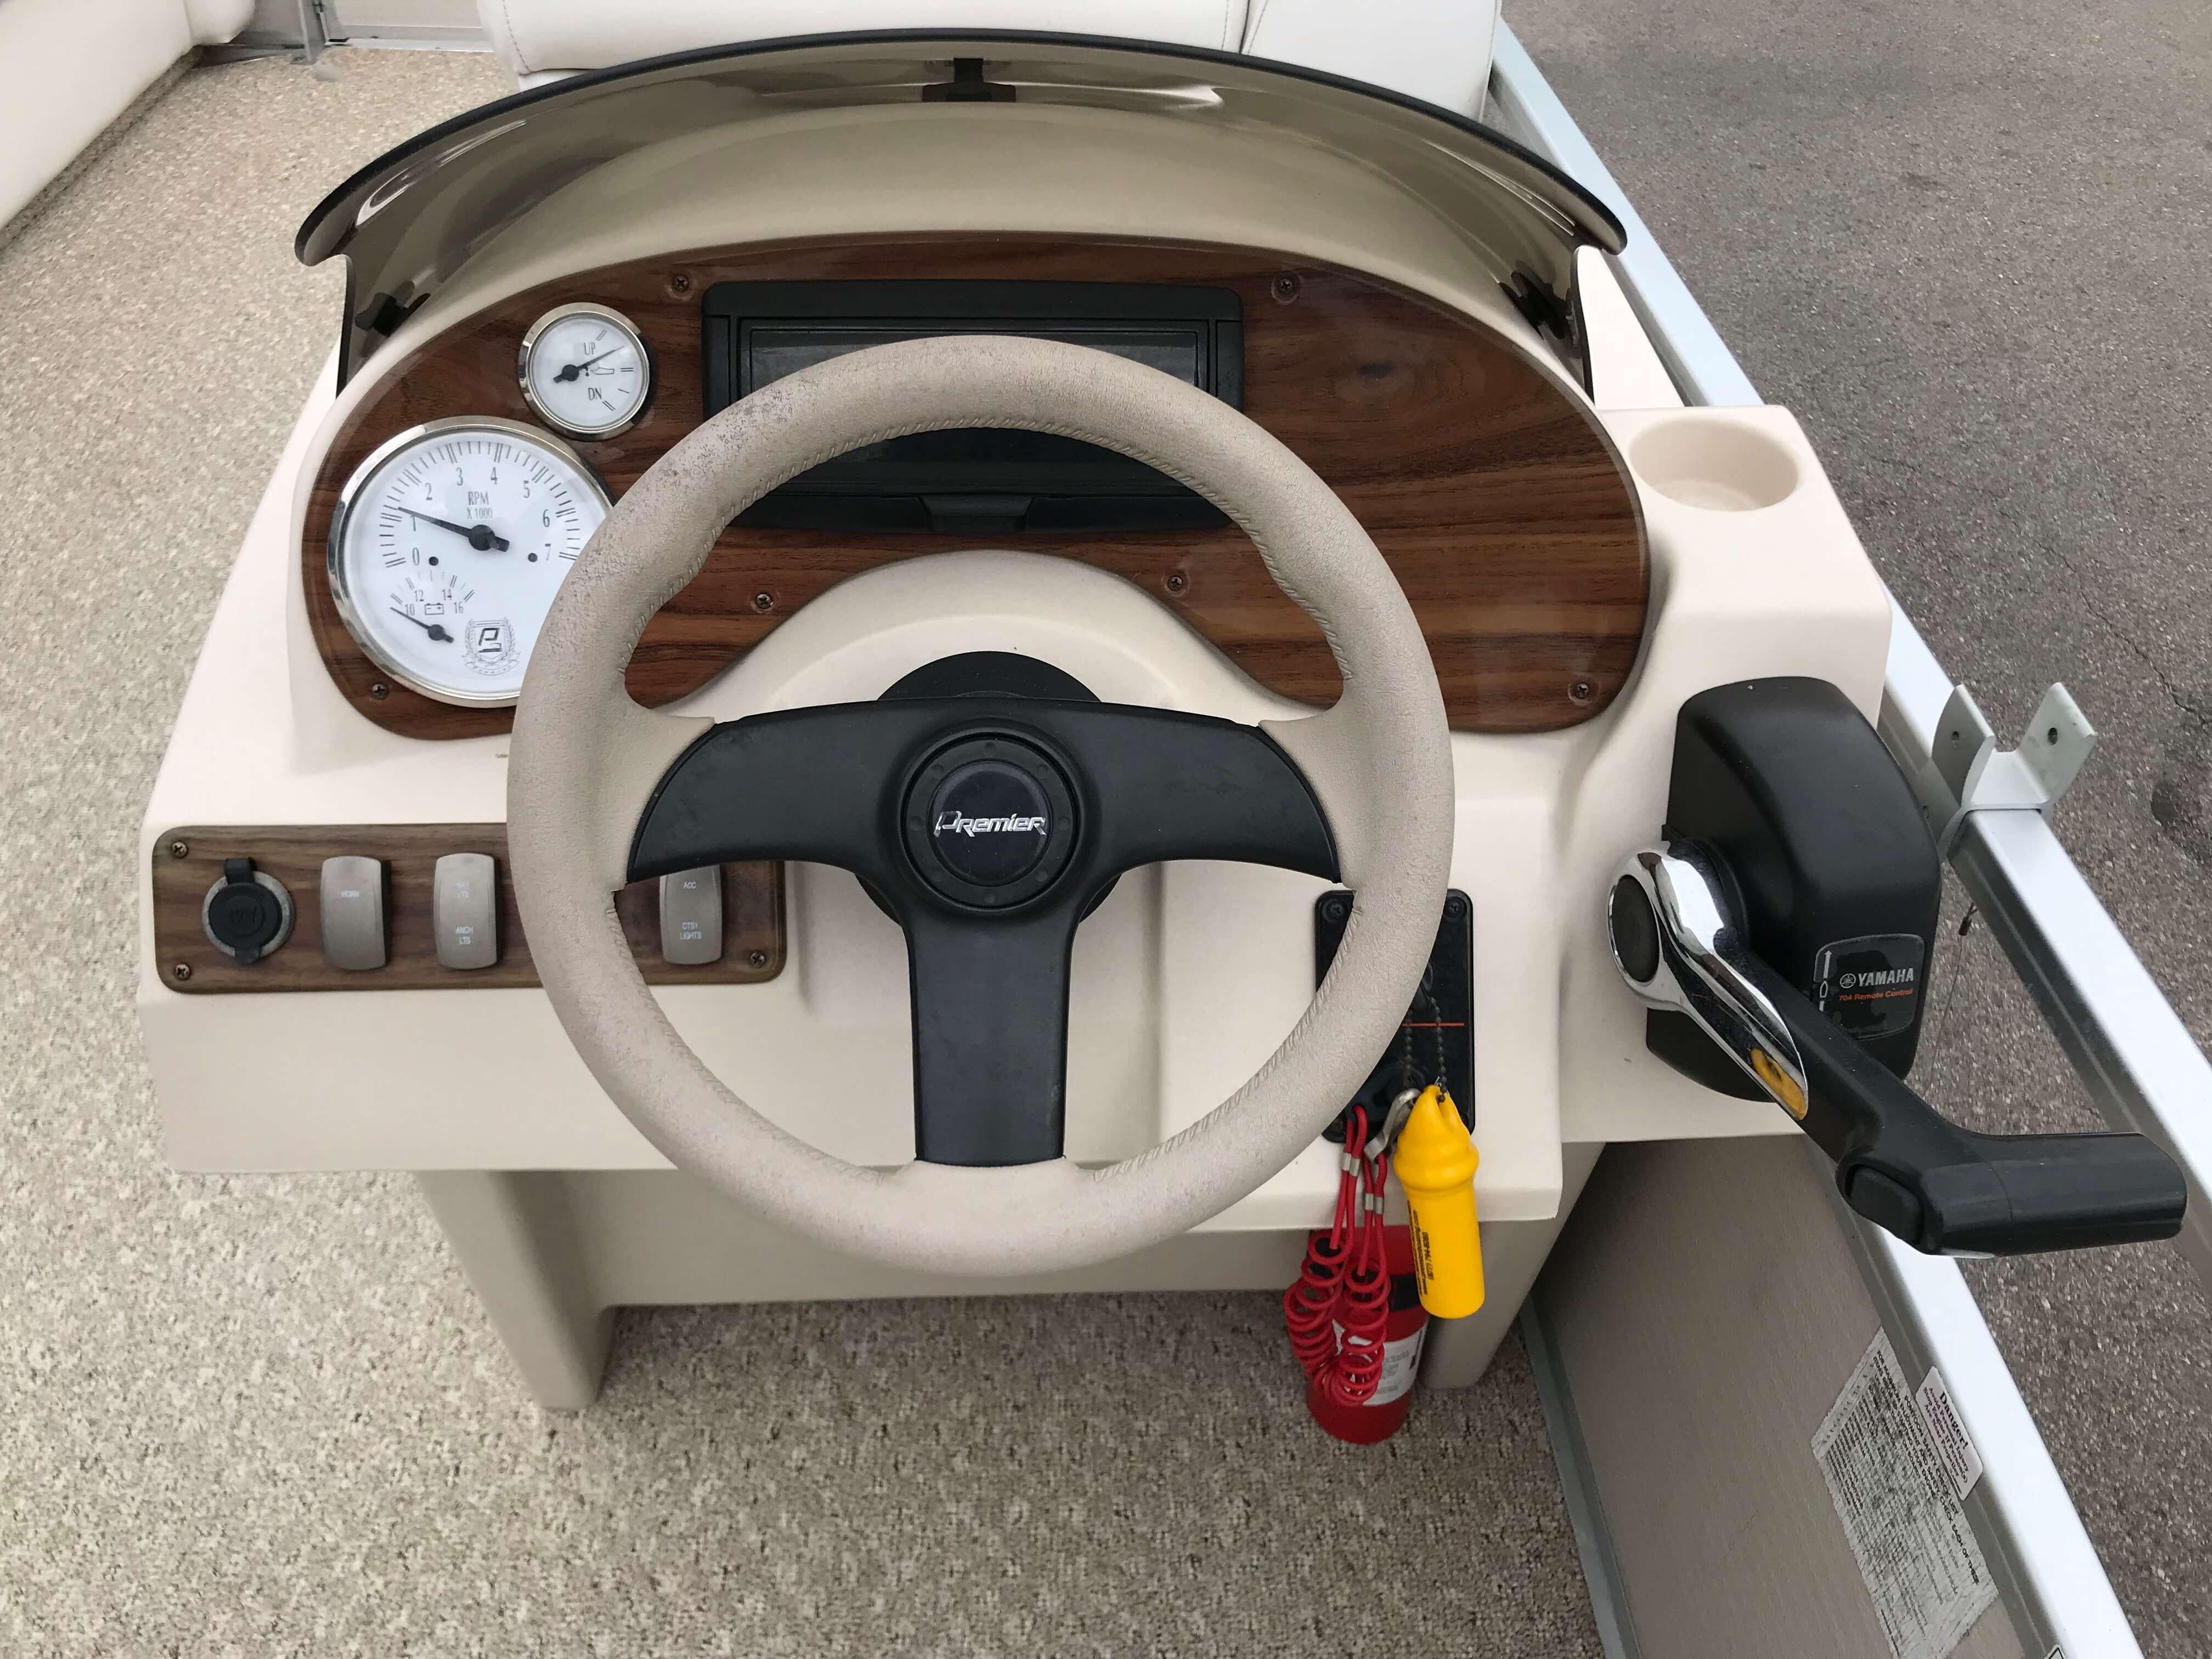 2005 Premier 225 Sunsation RE Pontoon Boat 9